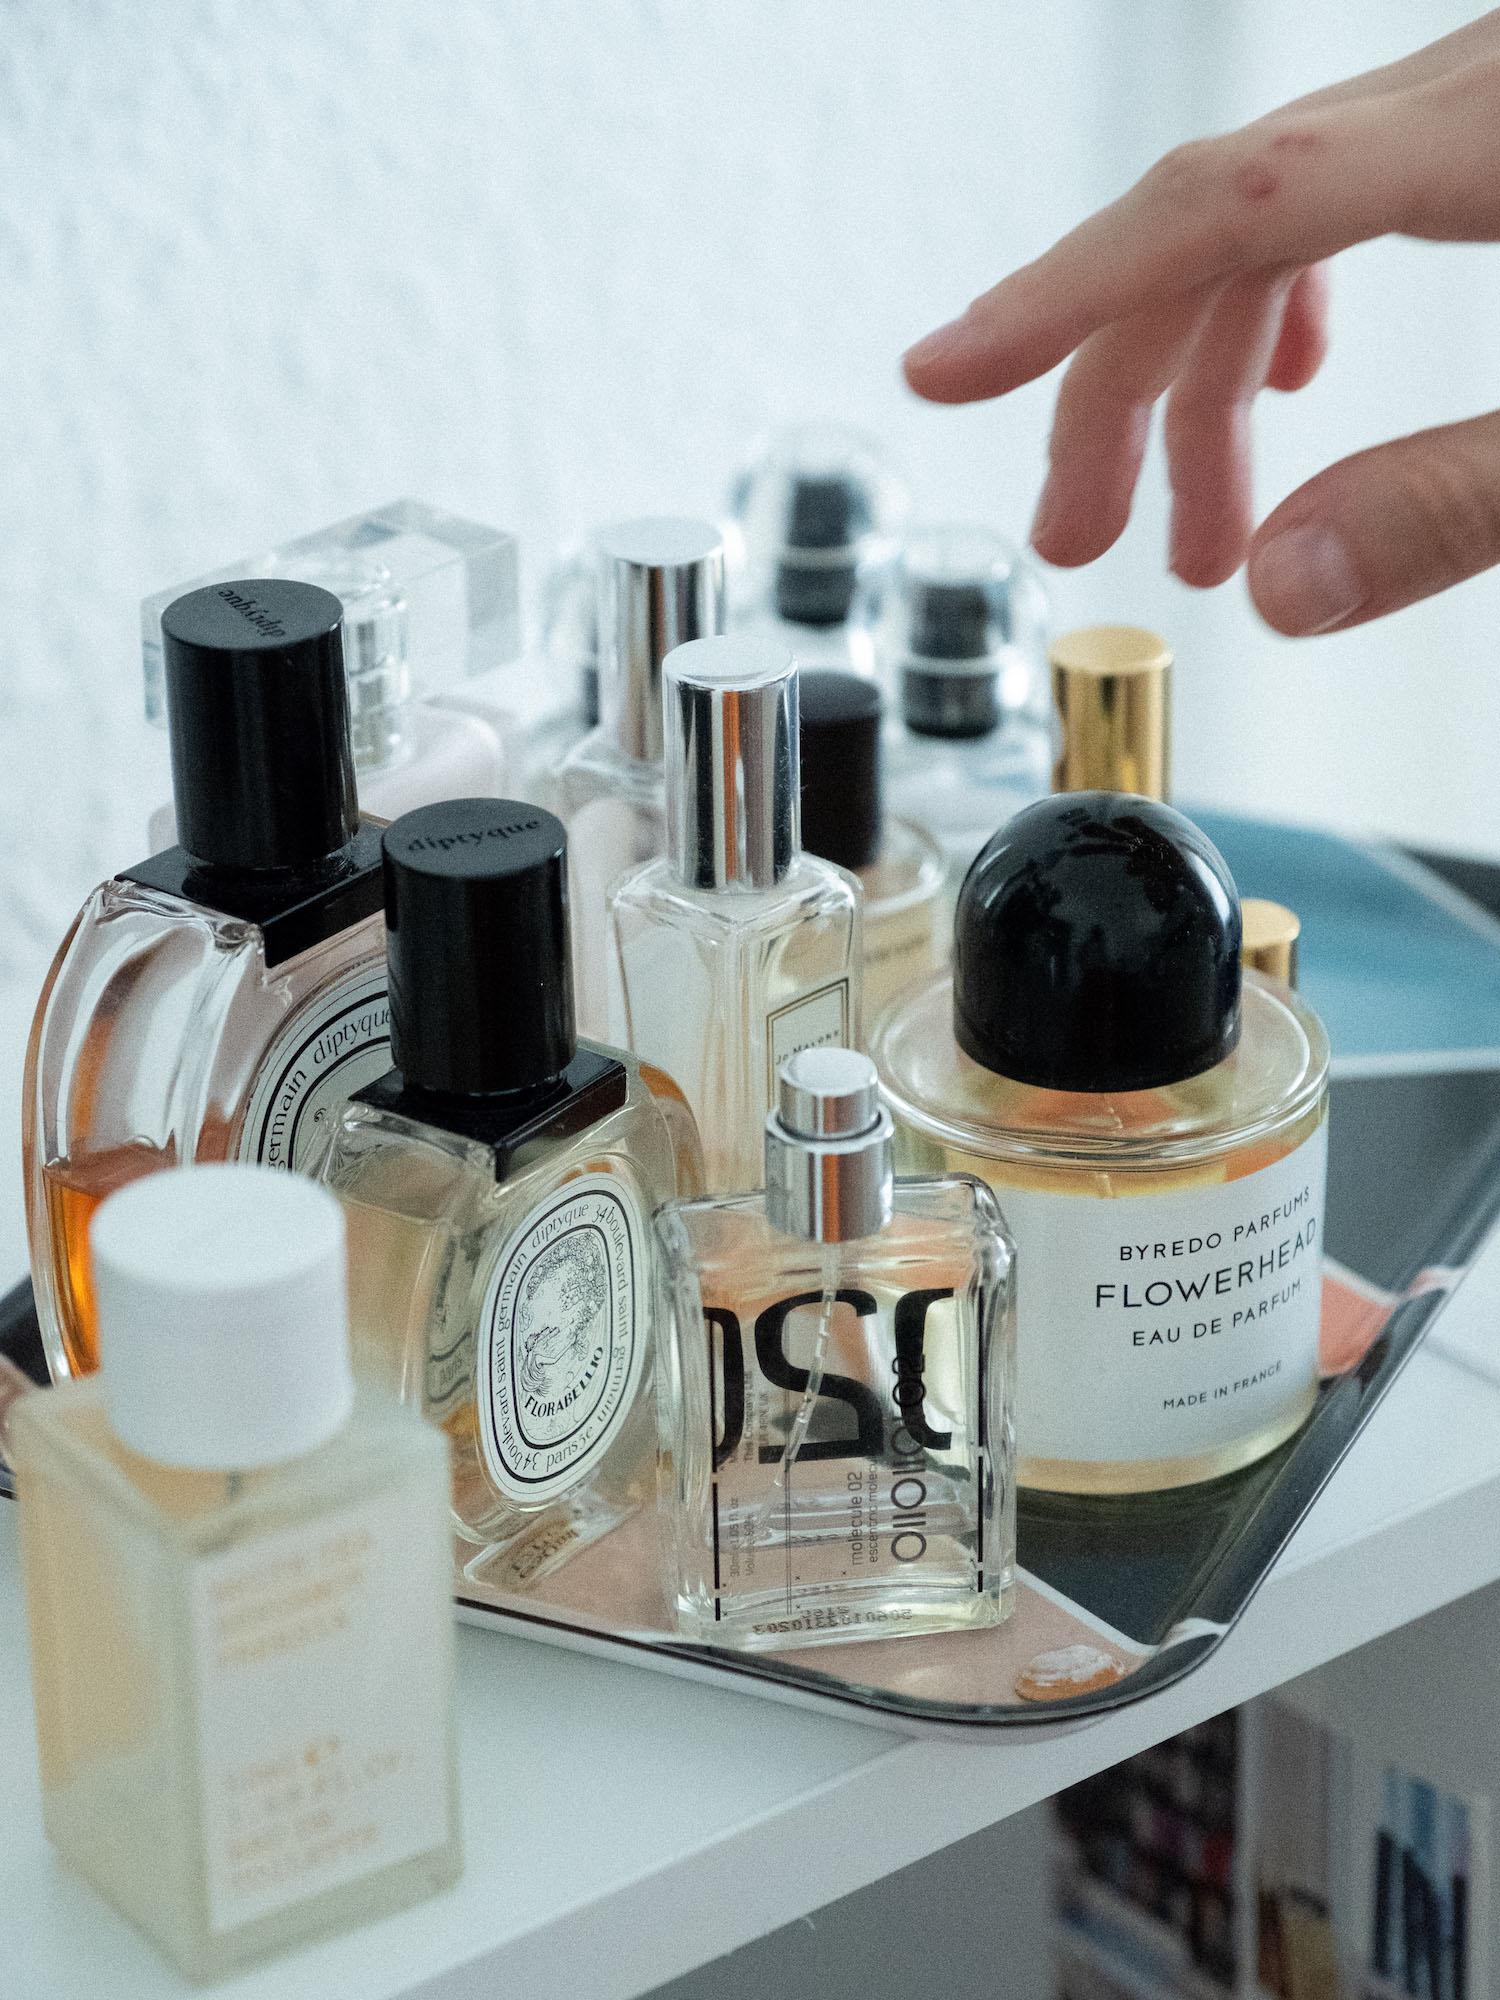 Beautyblog Sarah Khurshid Parfüm Sammlung molecule